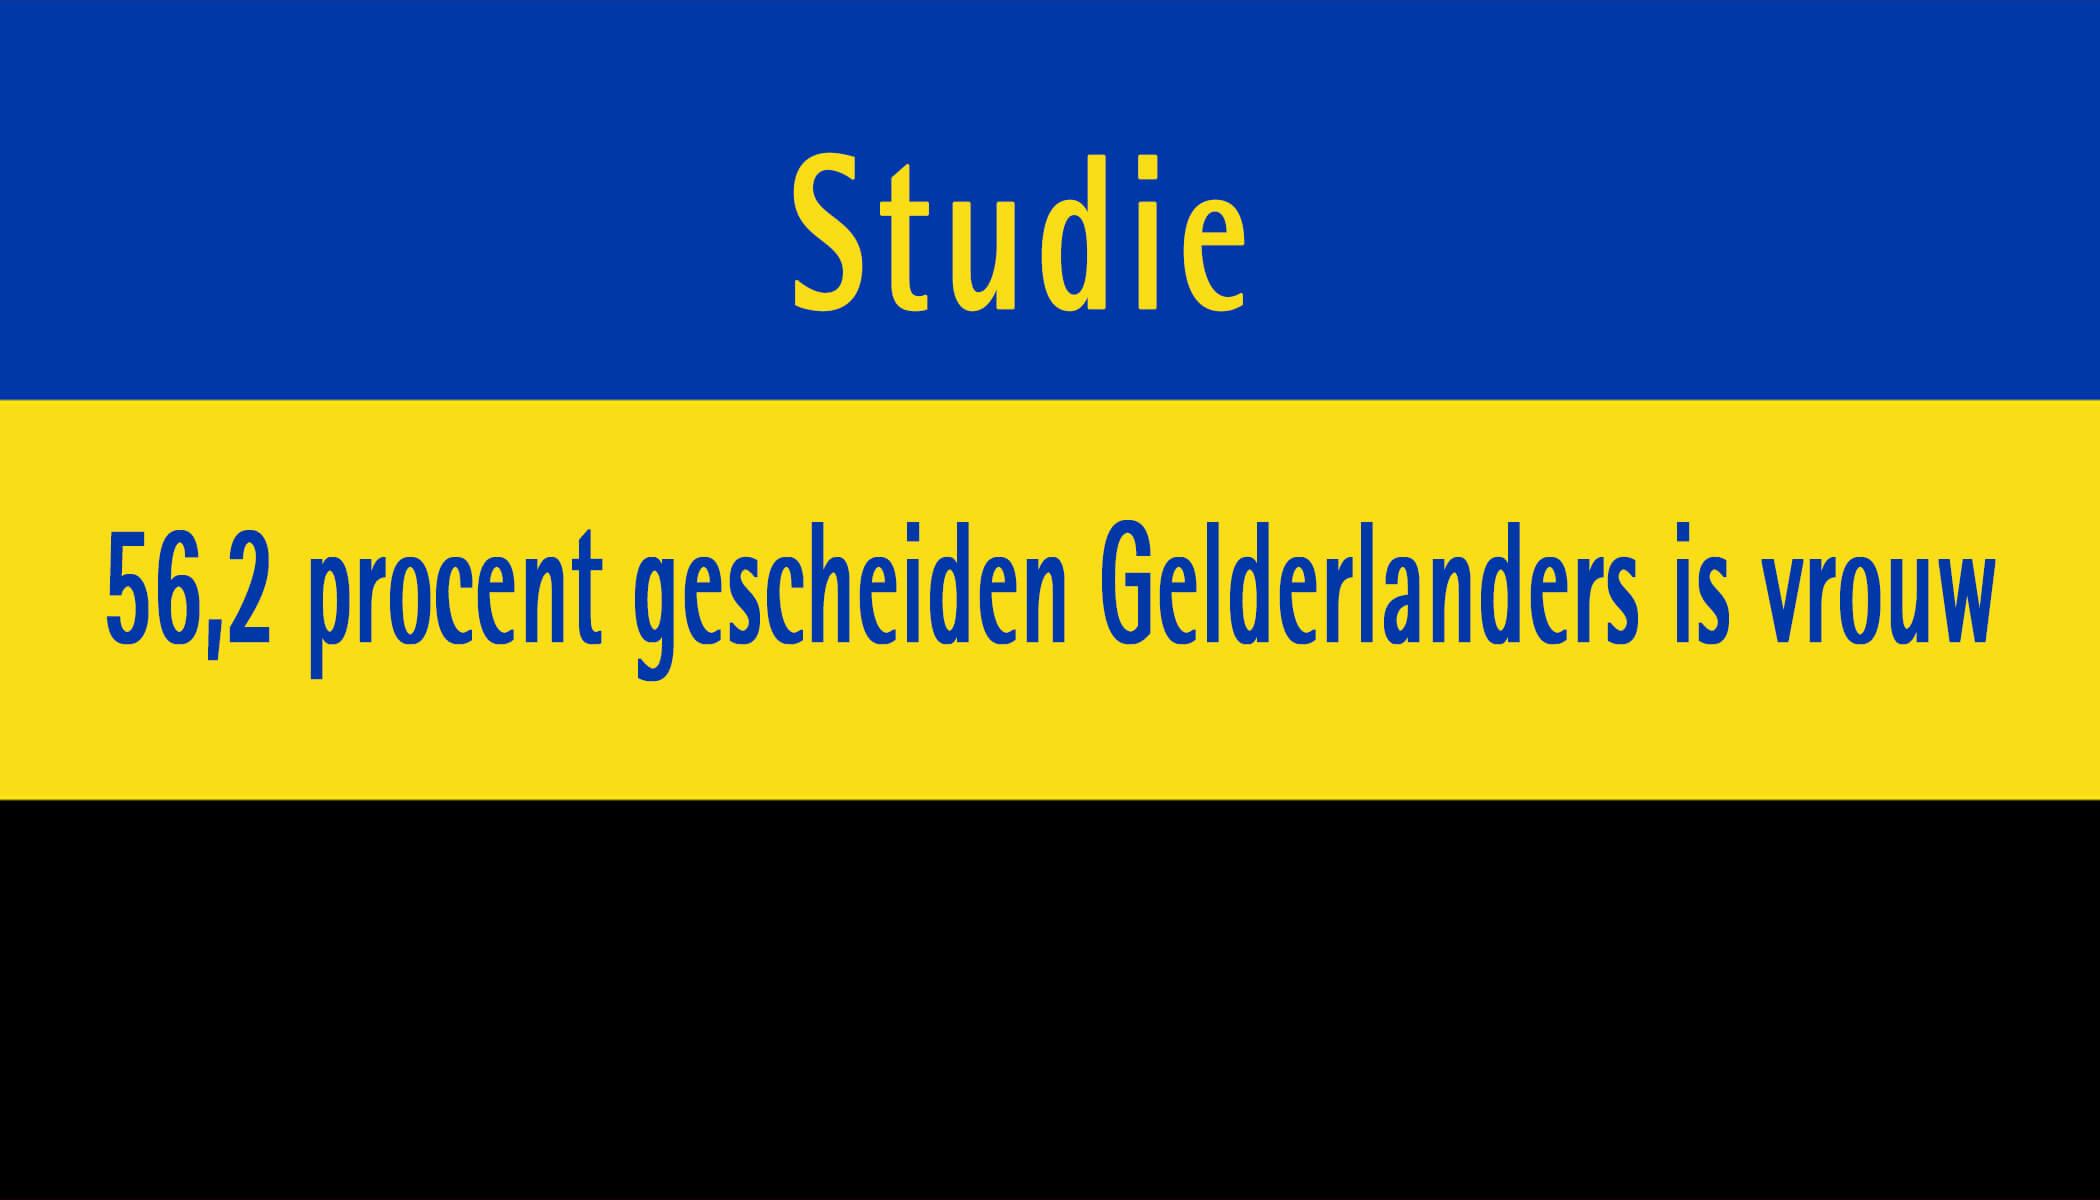 Studie: 56,2 procent gescheiden Gelderlanders is vrouw